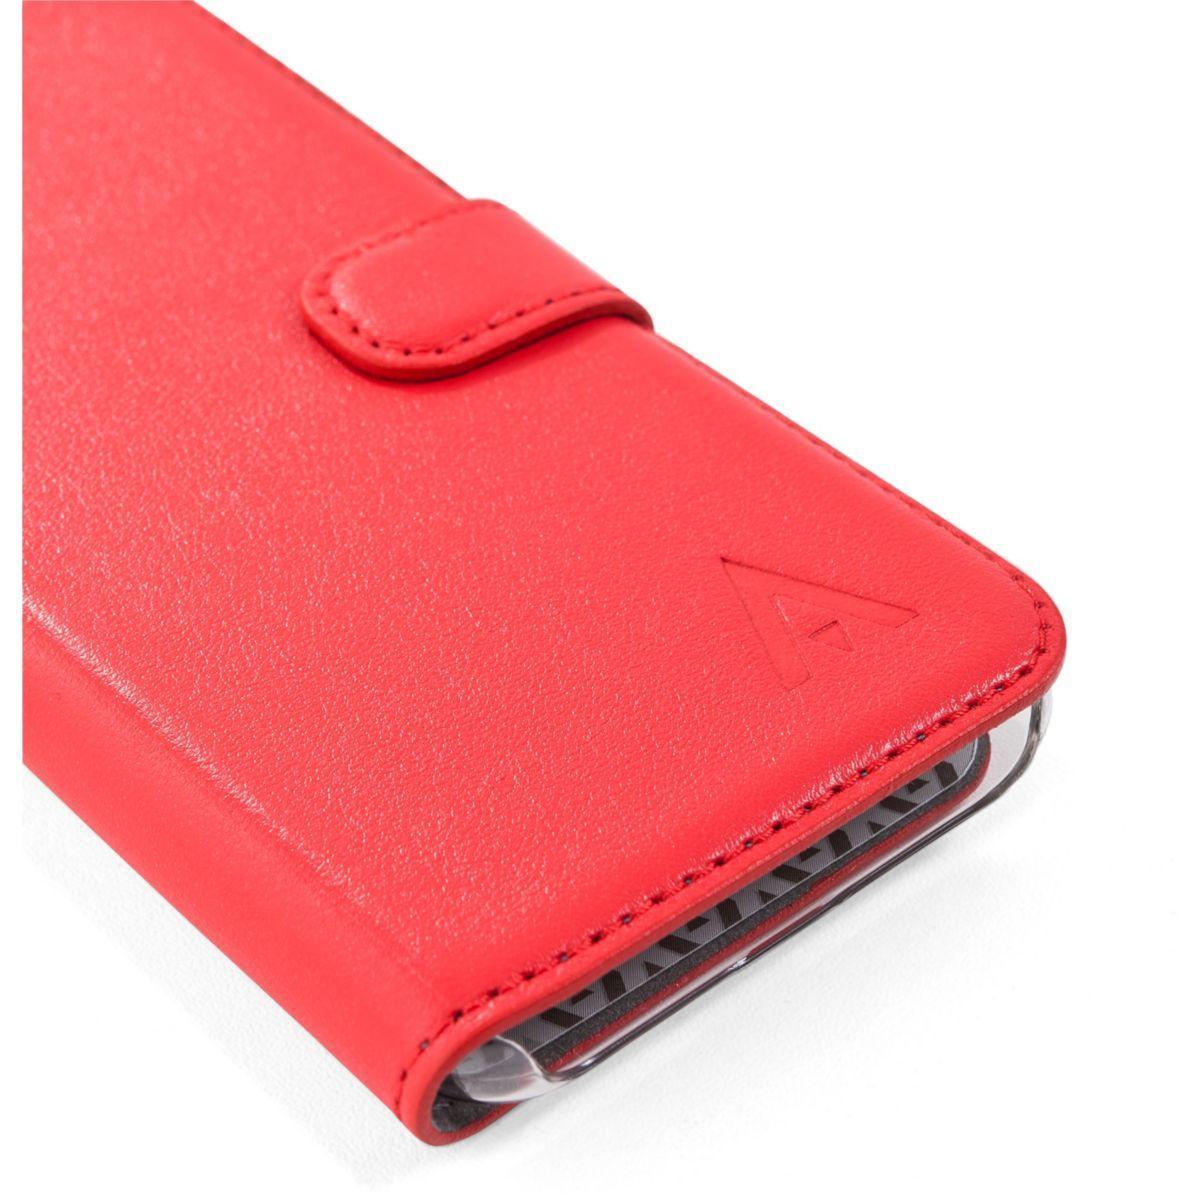 Folio adeqwat s8 cuir rouge - livraison offerte : code livpremium